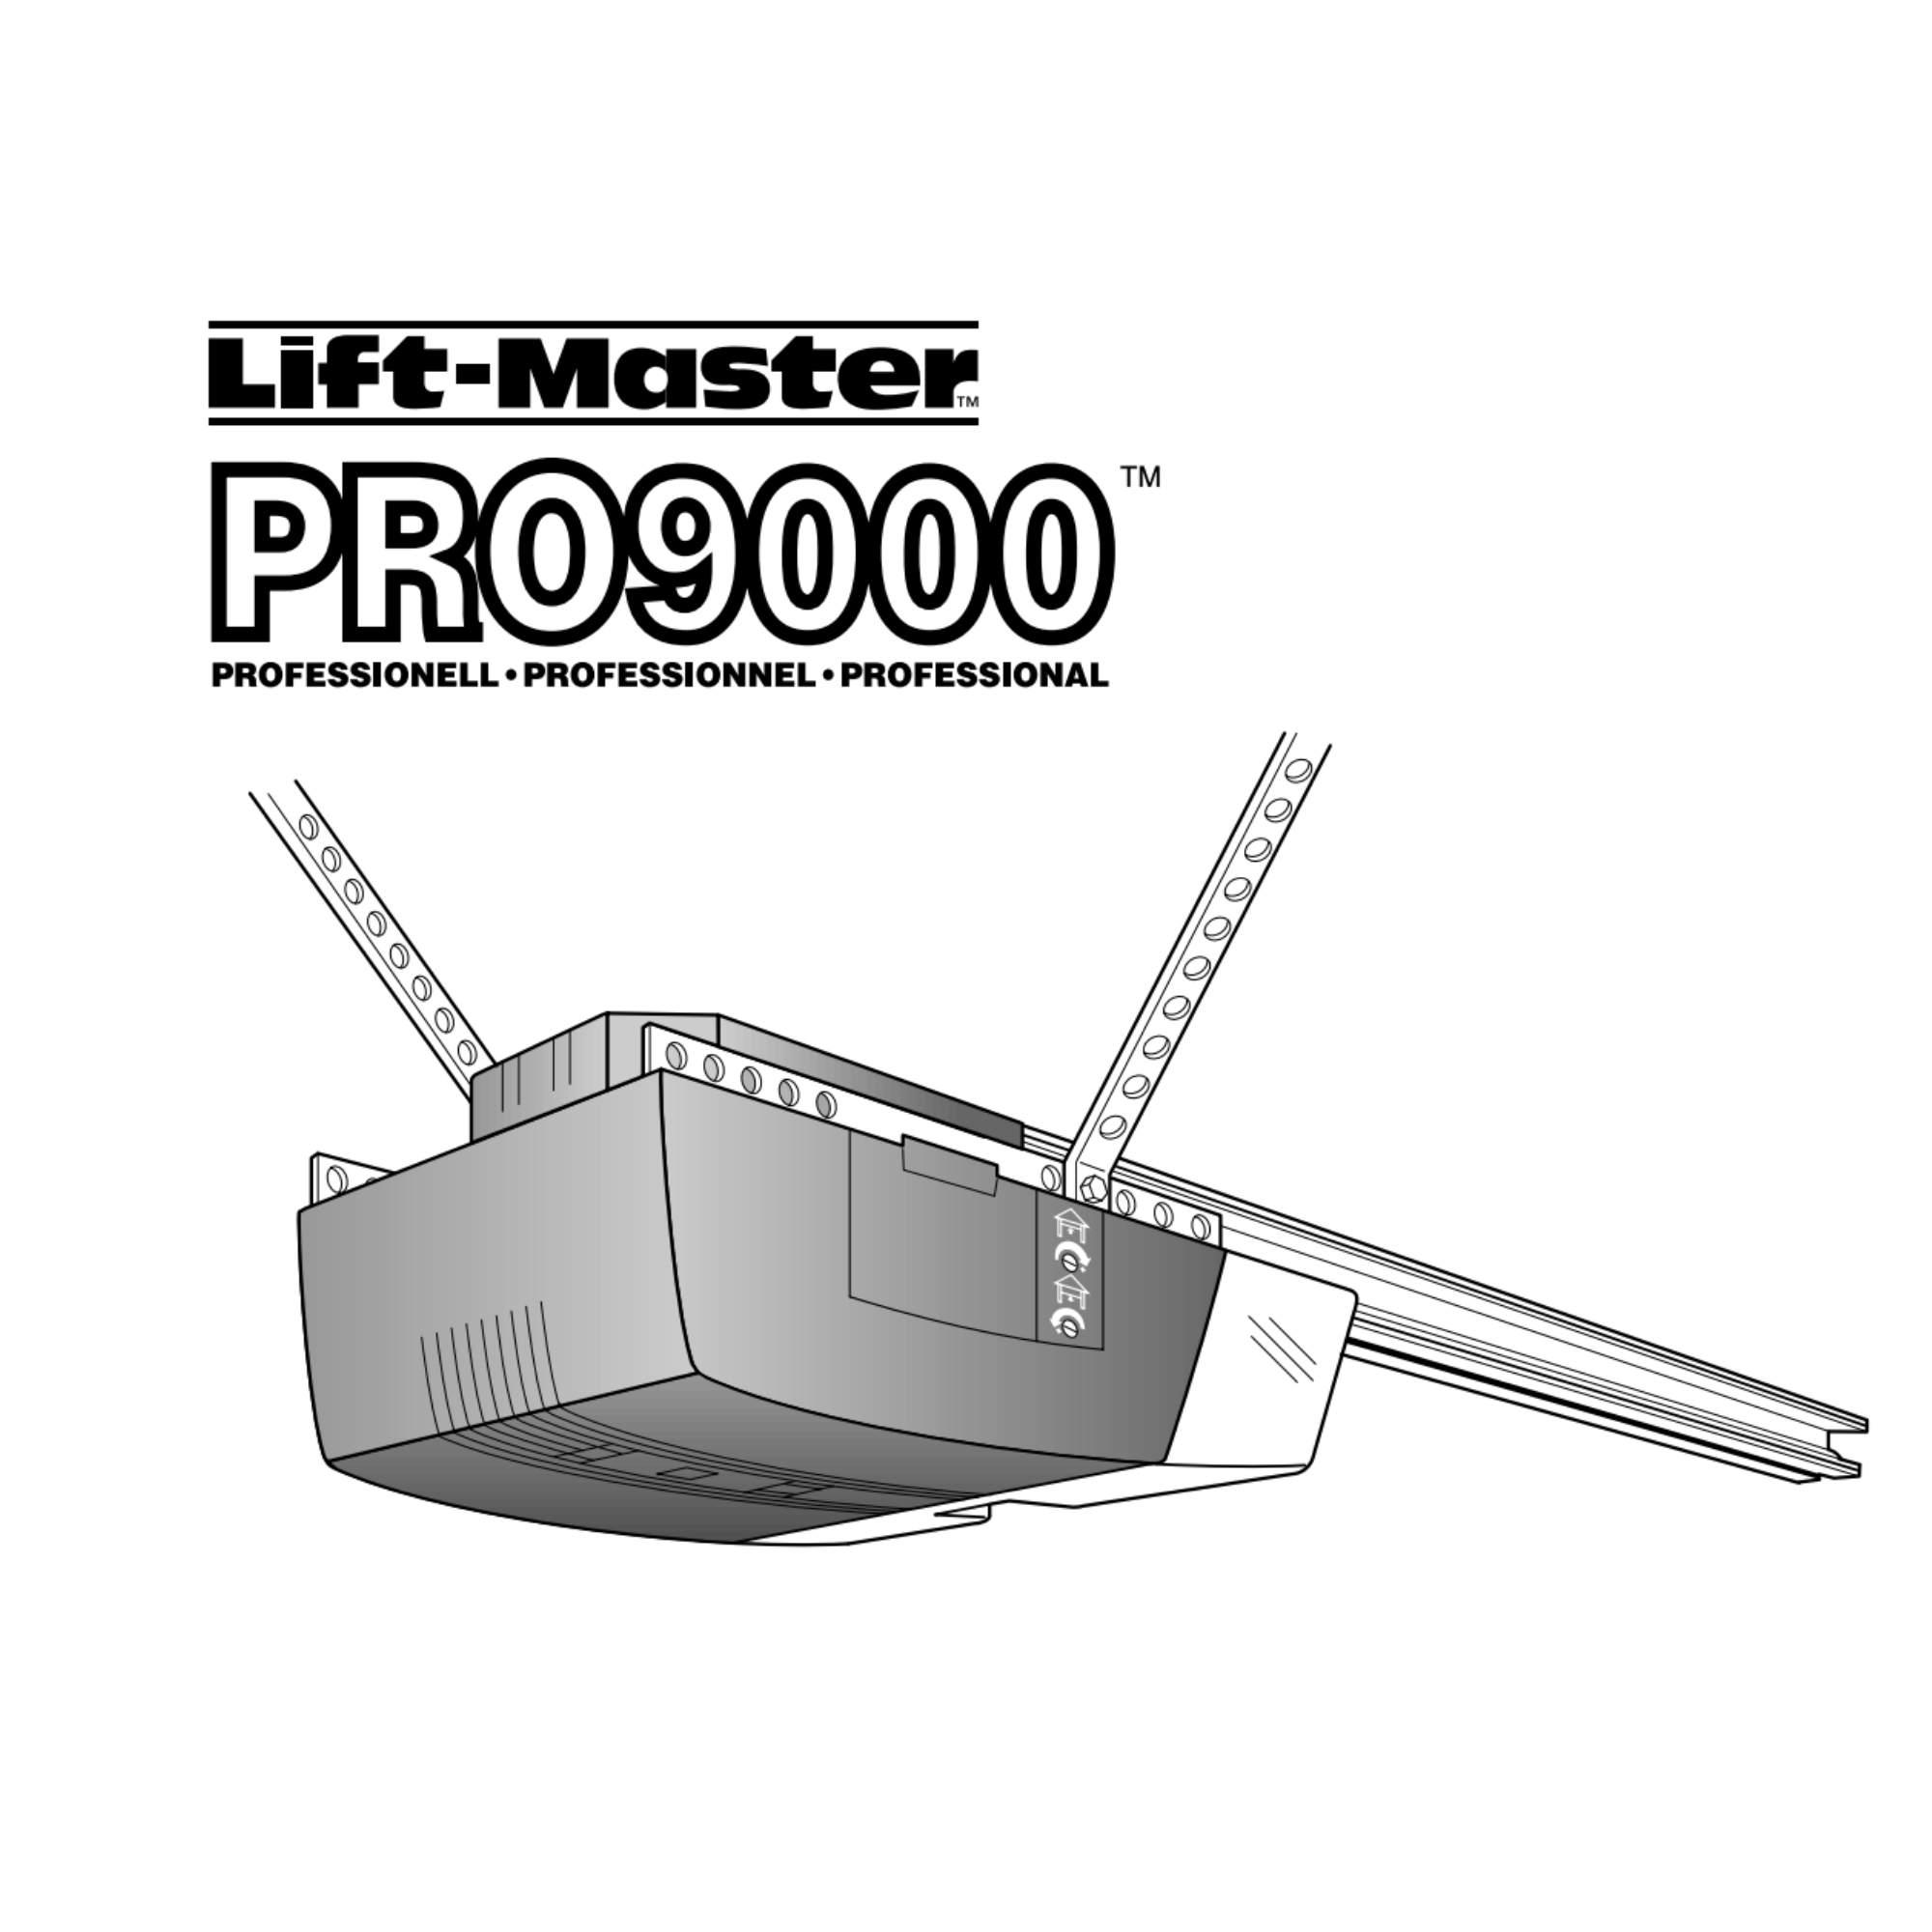 Instruksjonsmanual for portåpner PRO9000